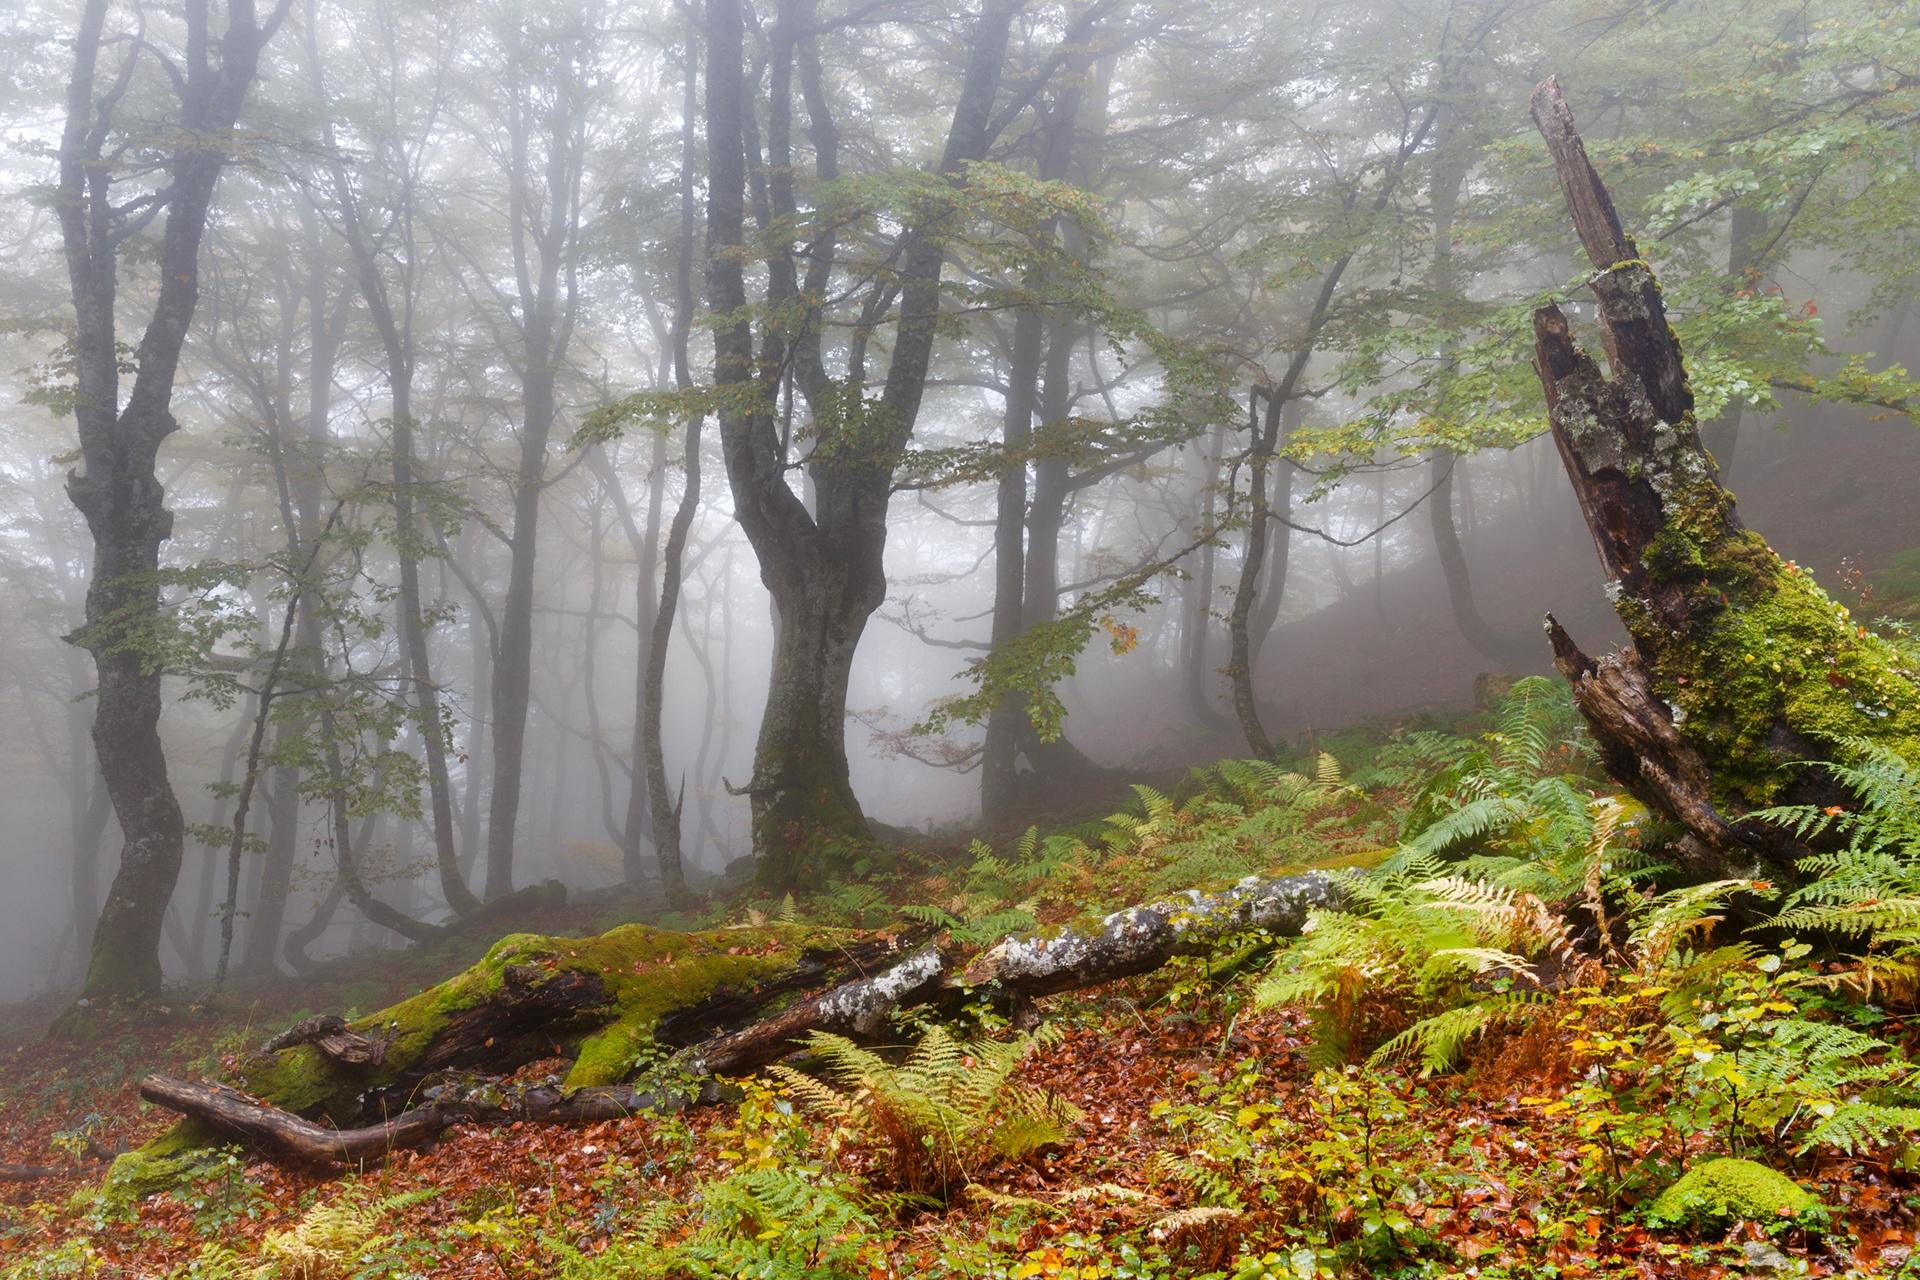 Alberto Palacio.Hayedo - 2018 - AFONAS, Asociación de Fotografos de Naturaleza de Asturias